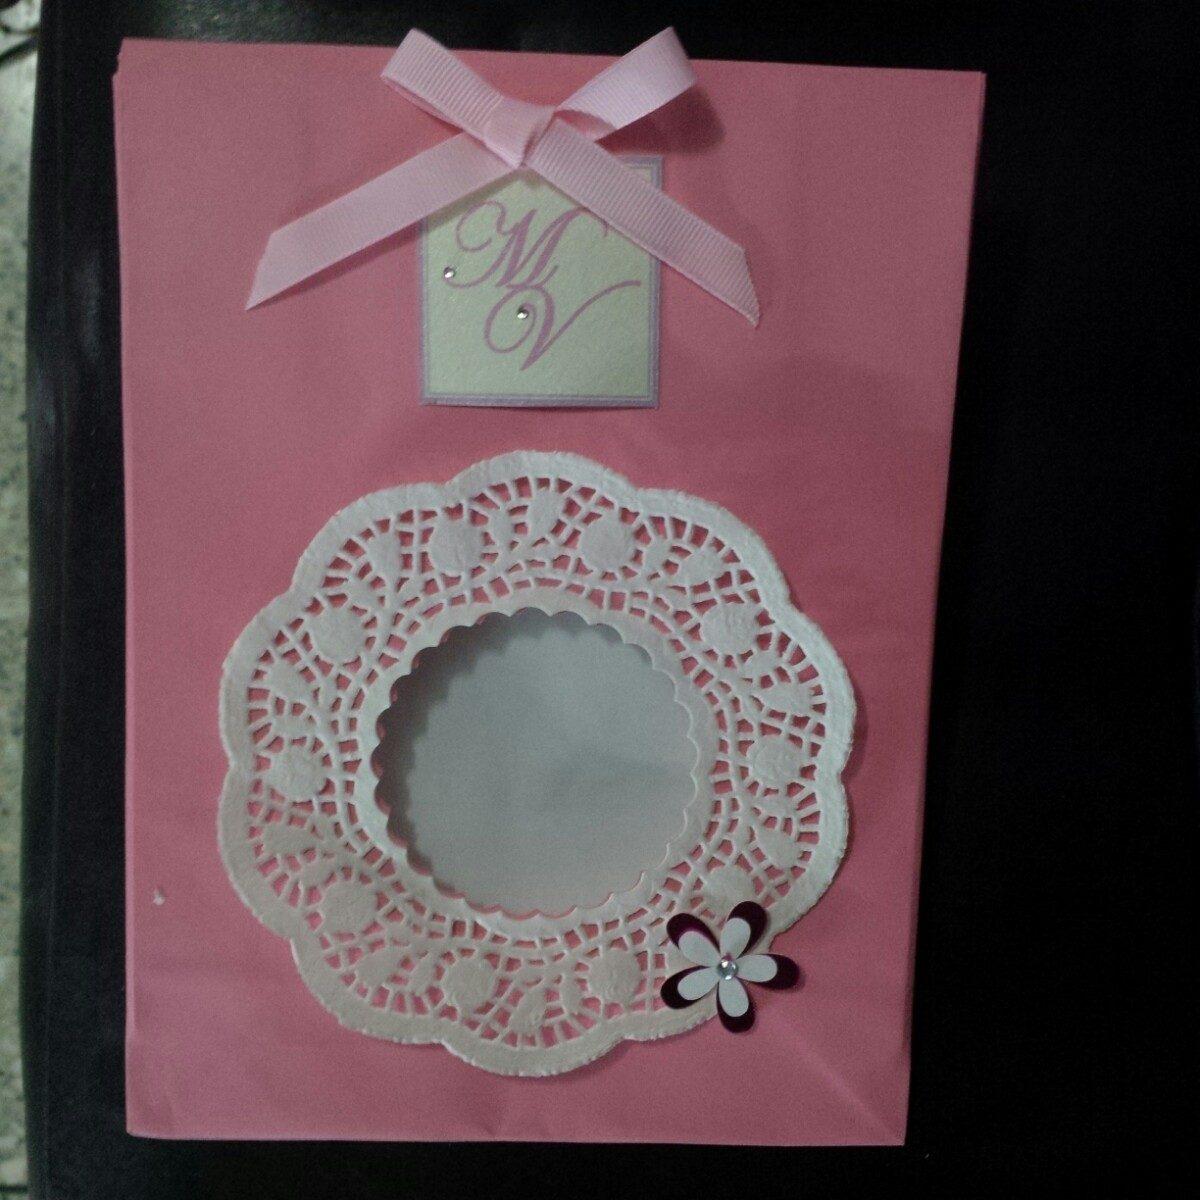 c9c04a494 bolsas de papel decoradas para cotillón regalos souvenir. Cargando zoom.